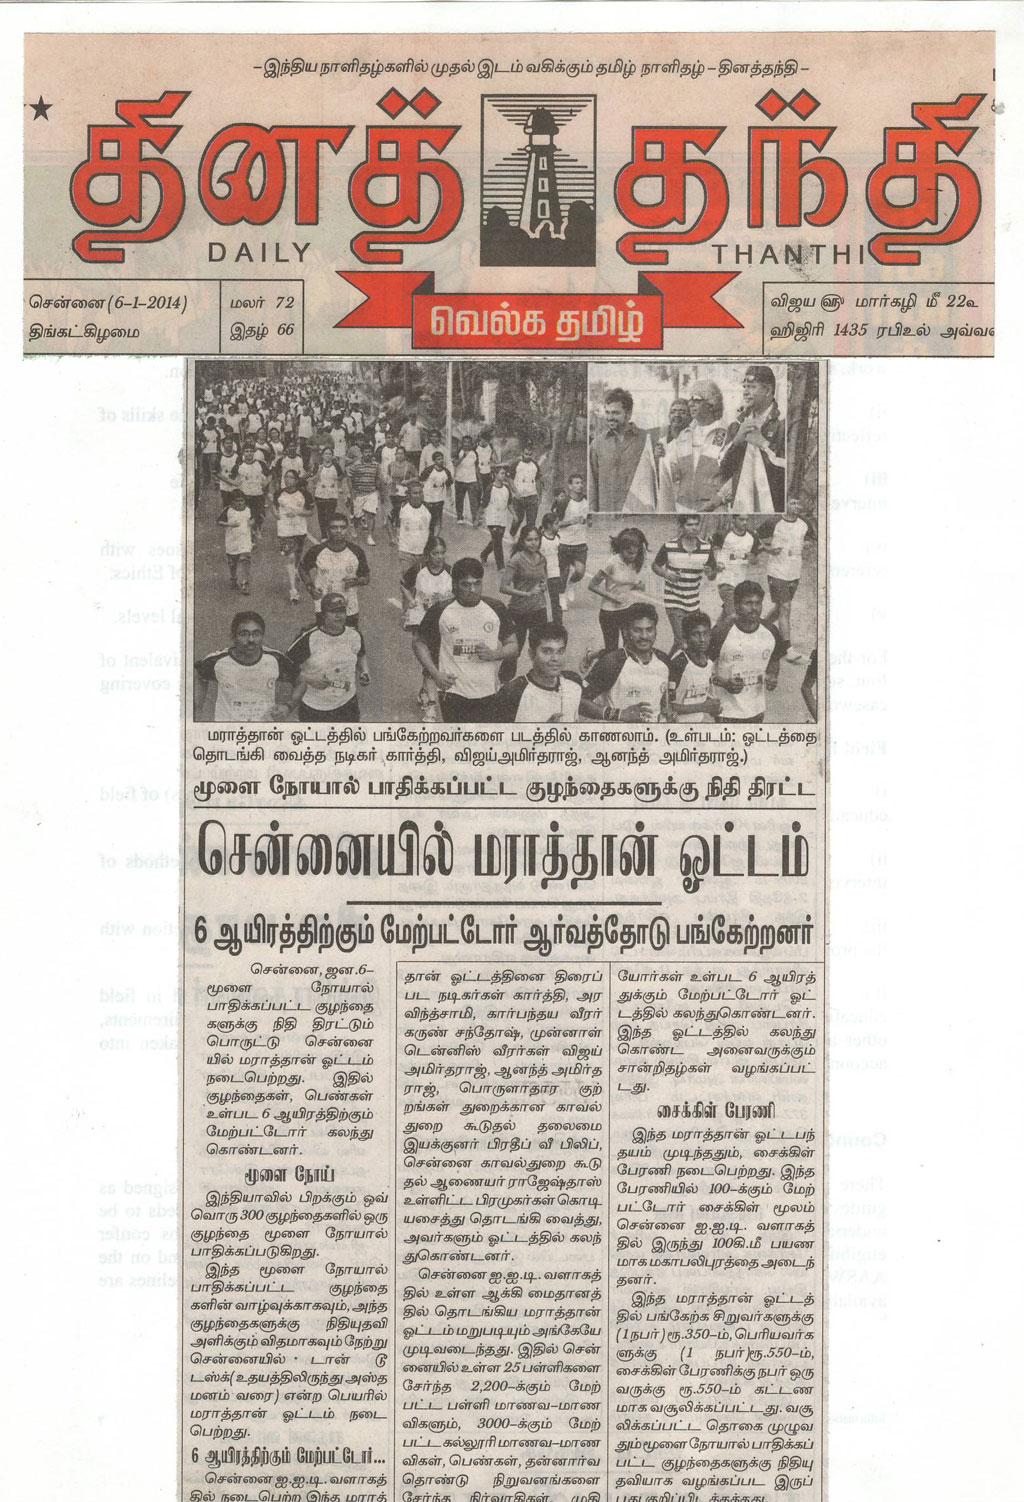 Daily-Thanthi-06.01.14